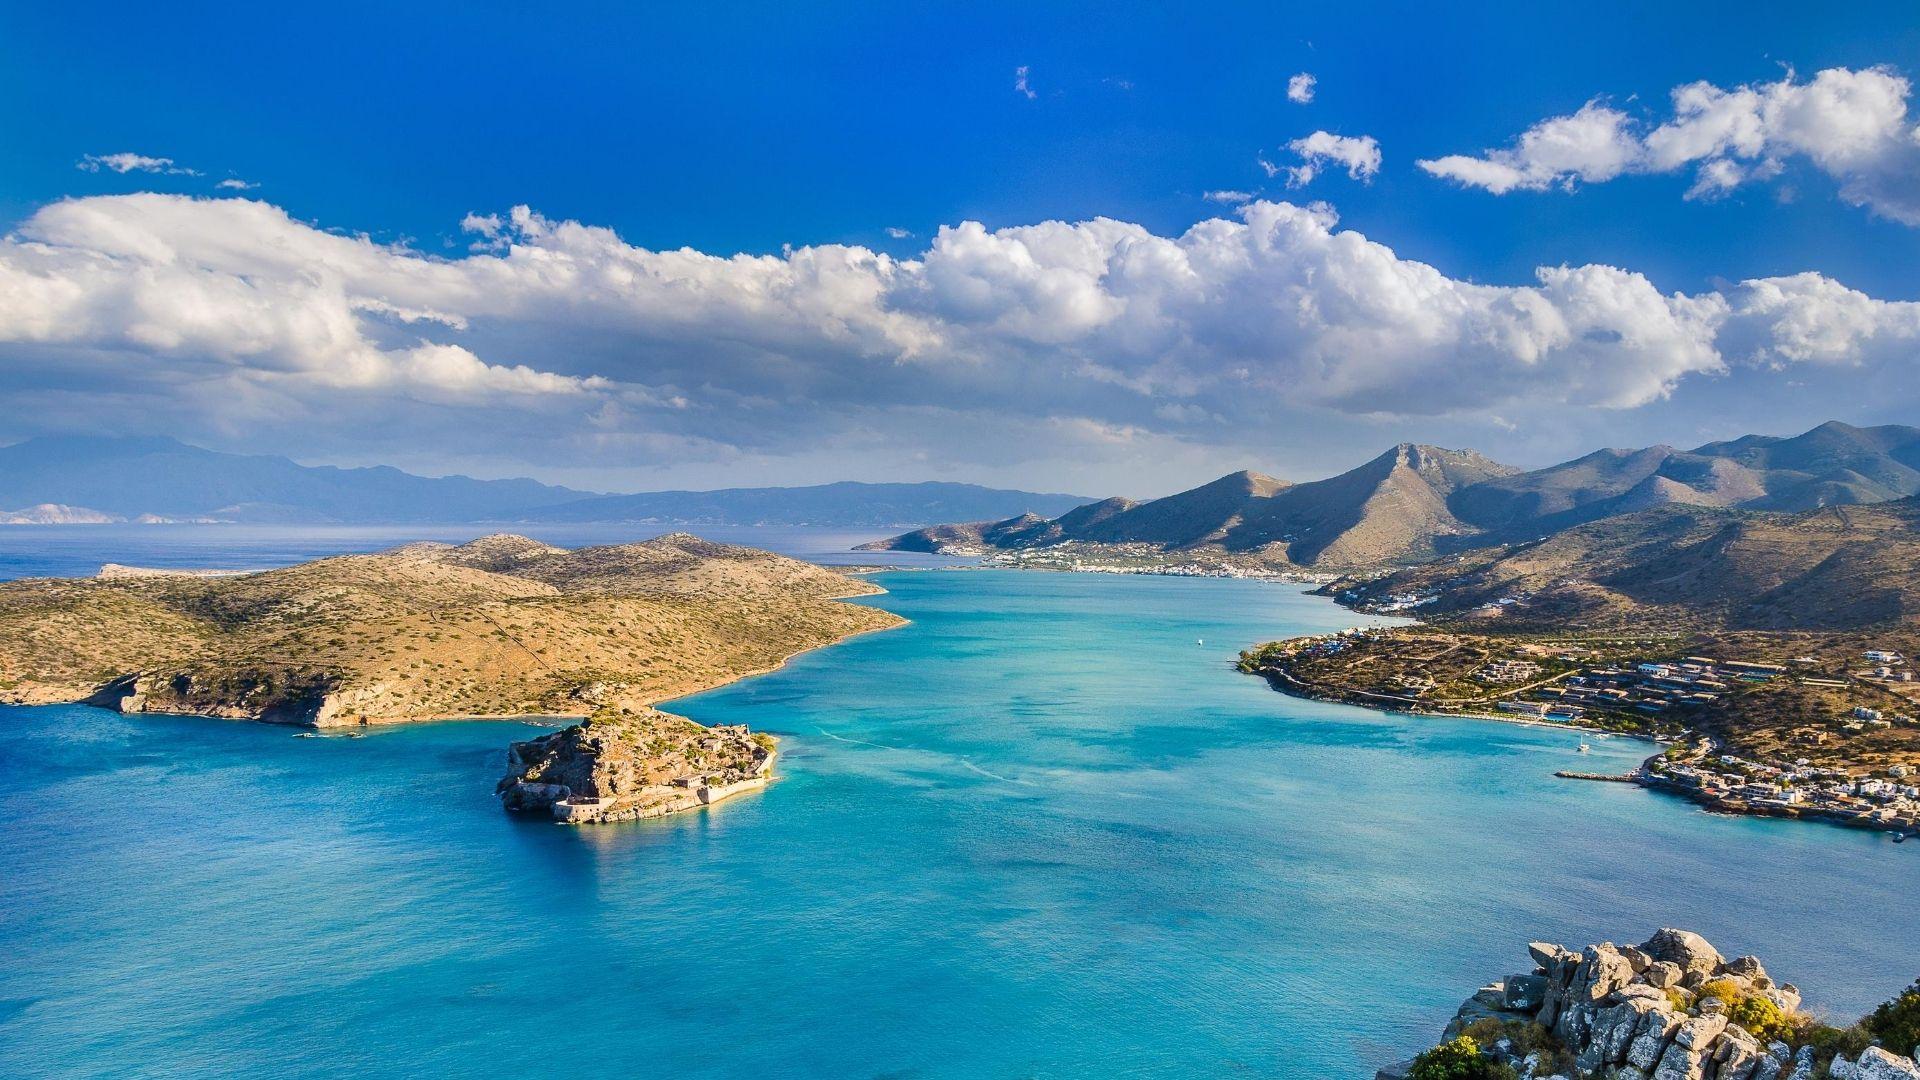 Best Tours in Crete - Grekaddict - Islands